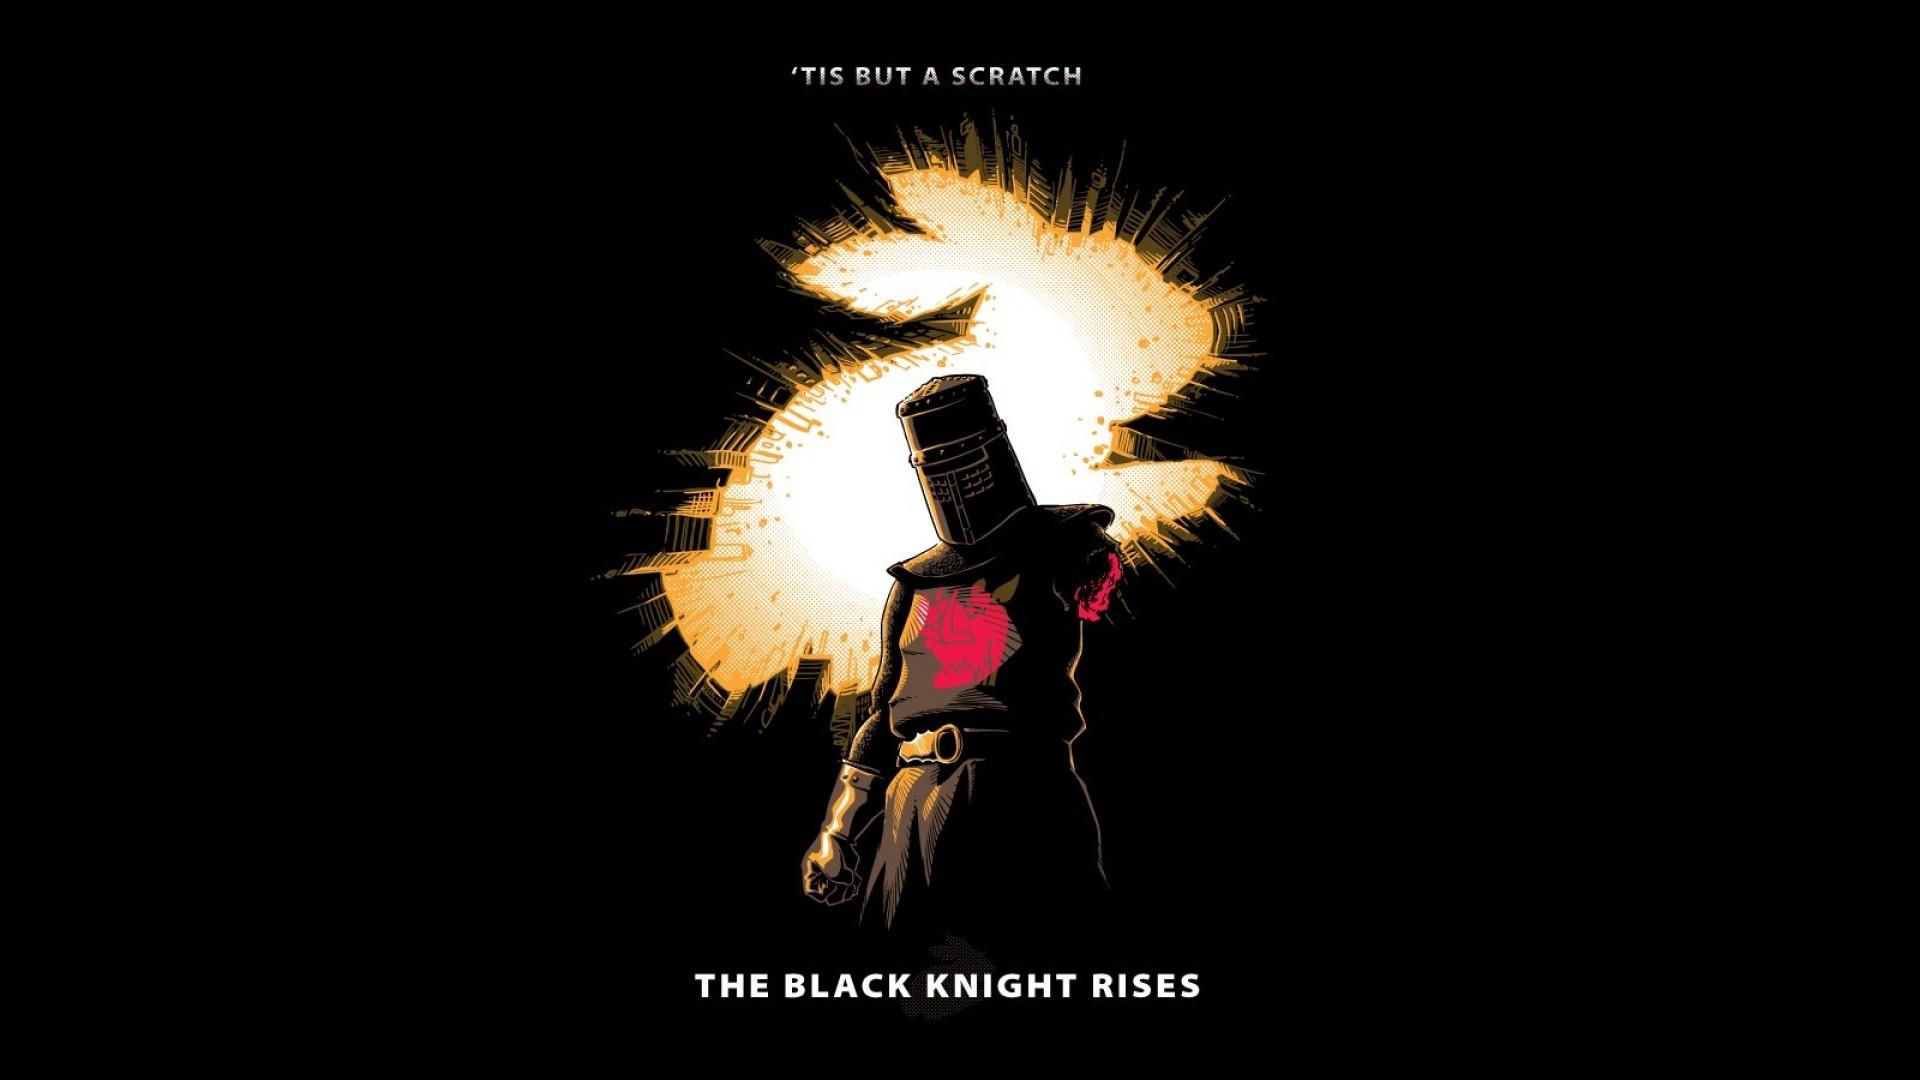 Wallpaper 1920x1080 Px Black Knight Drawing Knights